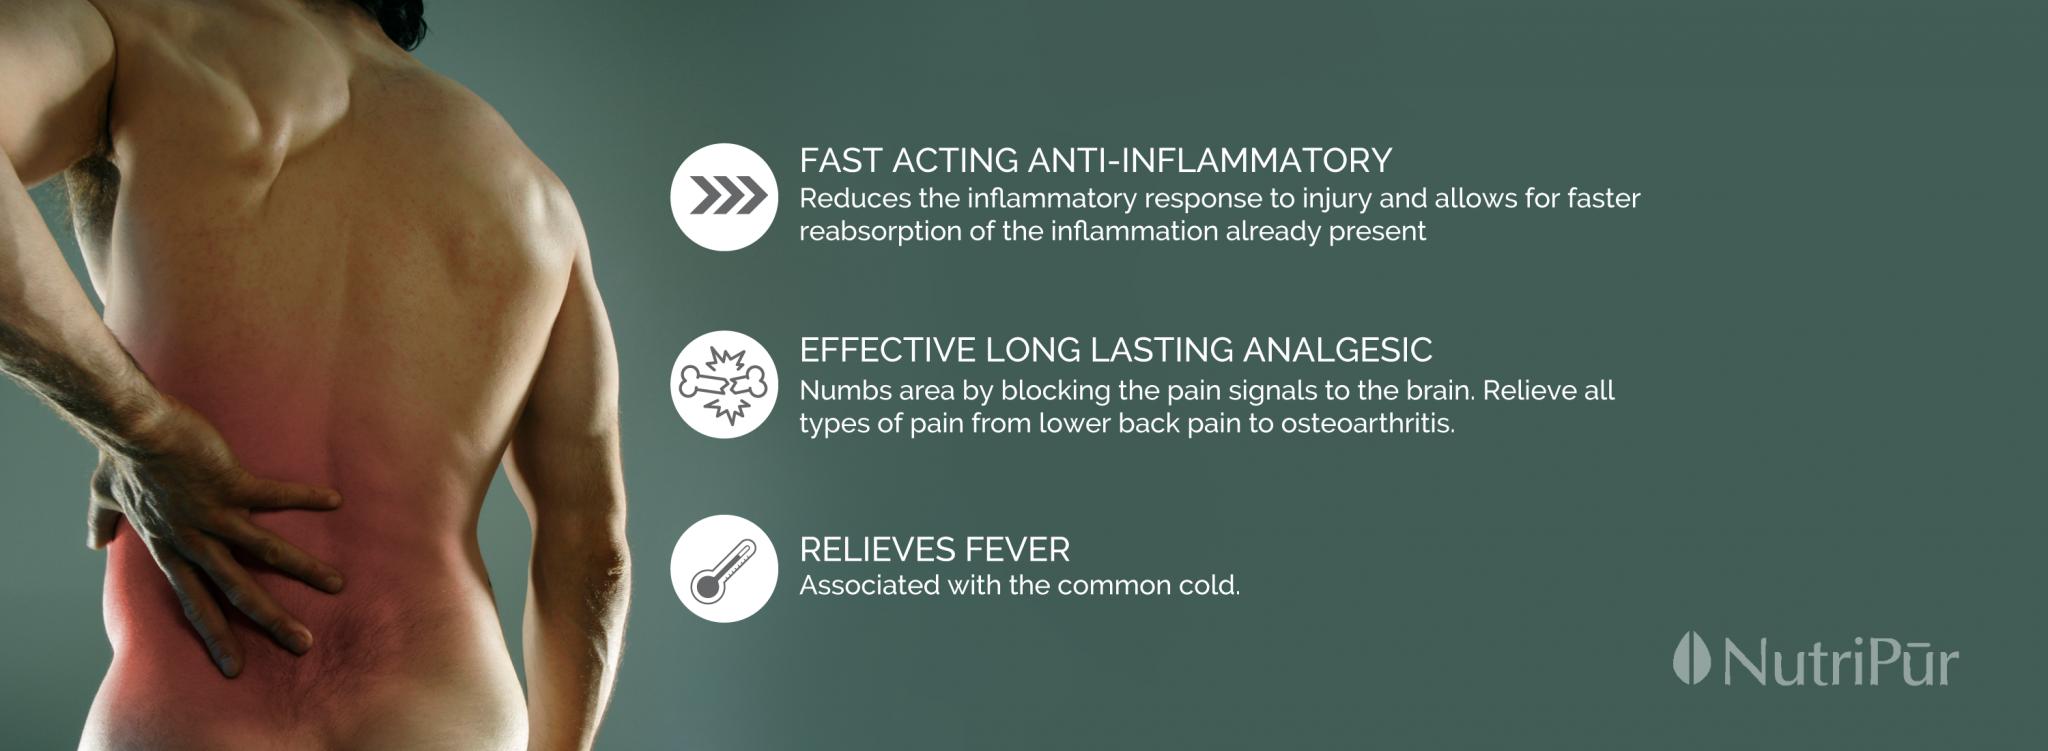 Nutripur - Inflammatol - anti-inflammatory, analgesic, fever, pain relief